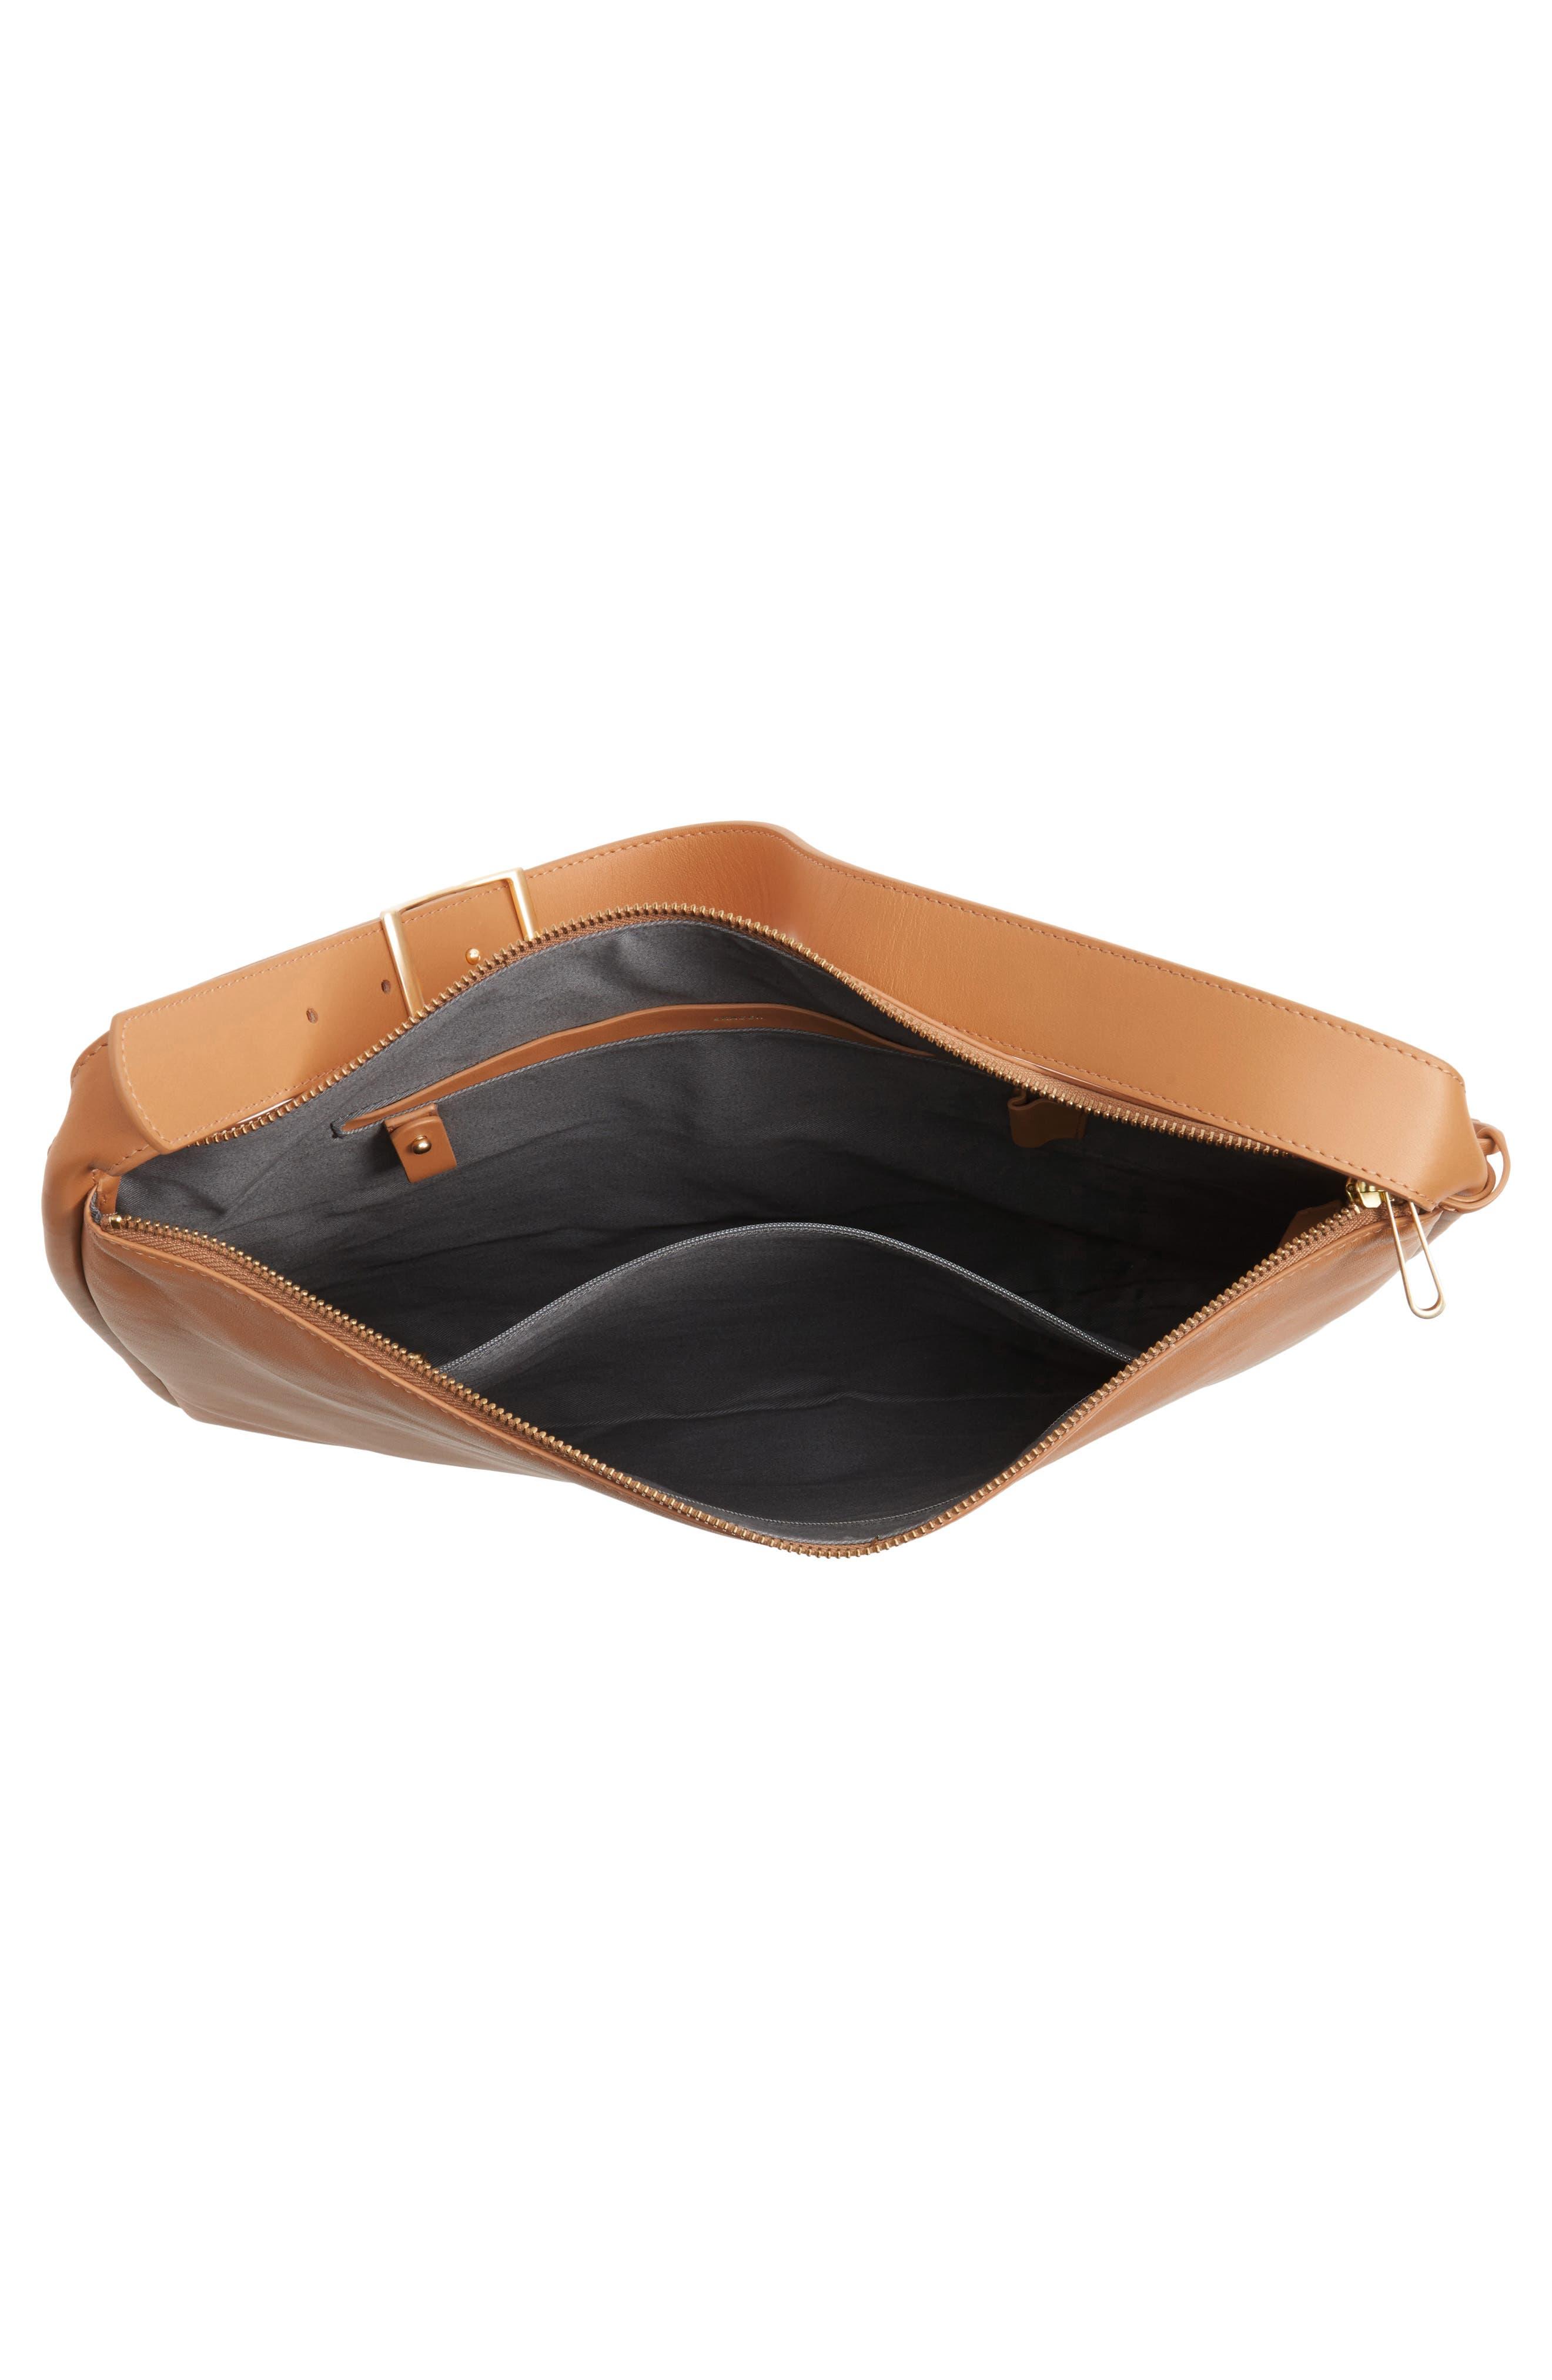 Anesa Leather Shoulder Bag,                             Alternate thumbnail 8, color,